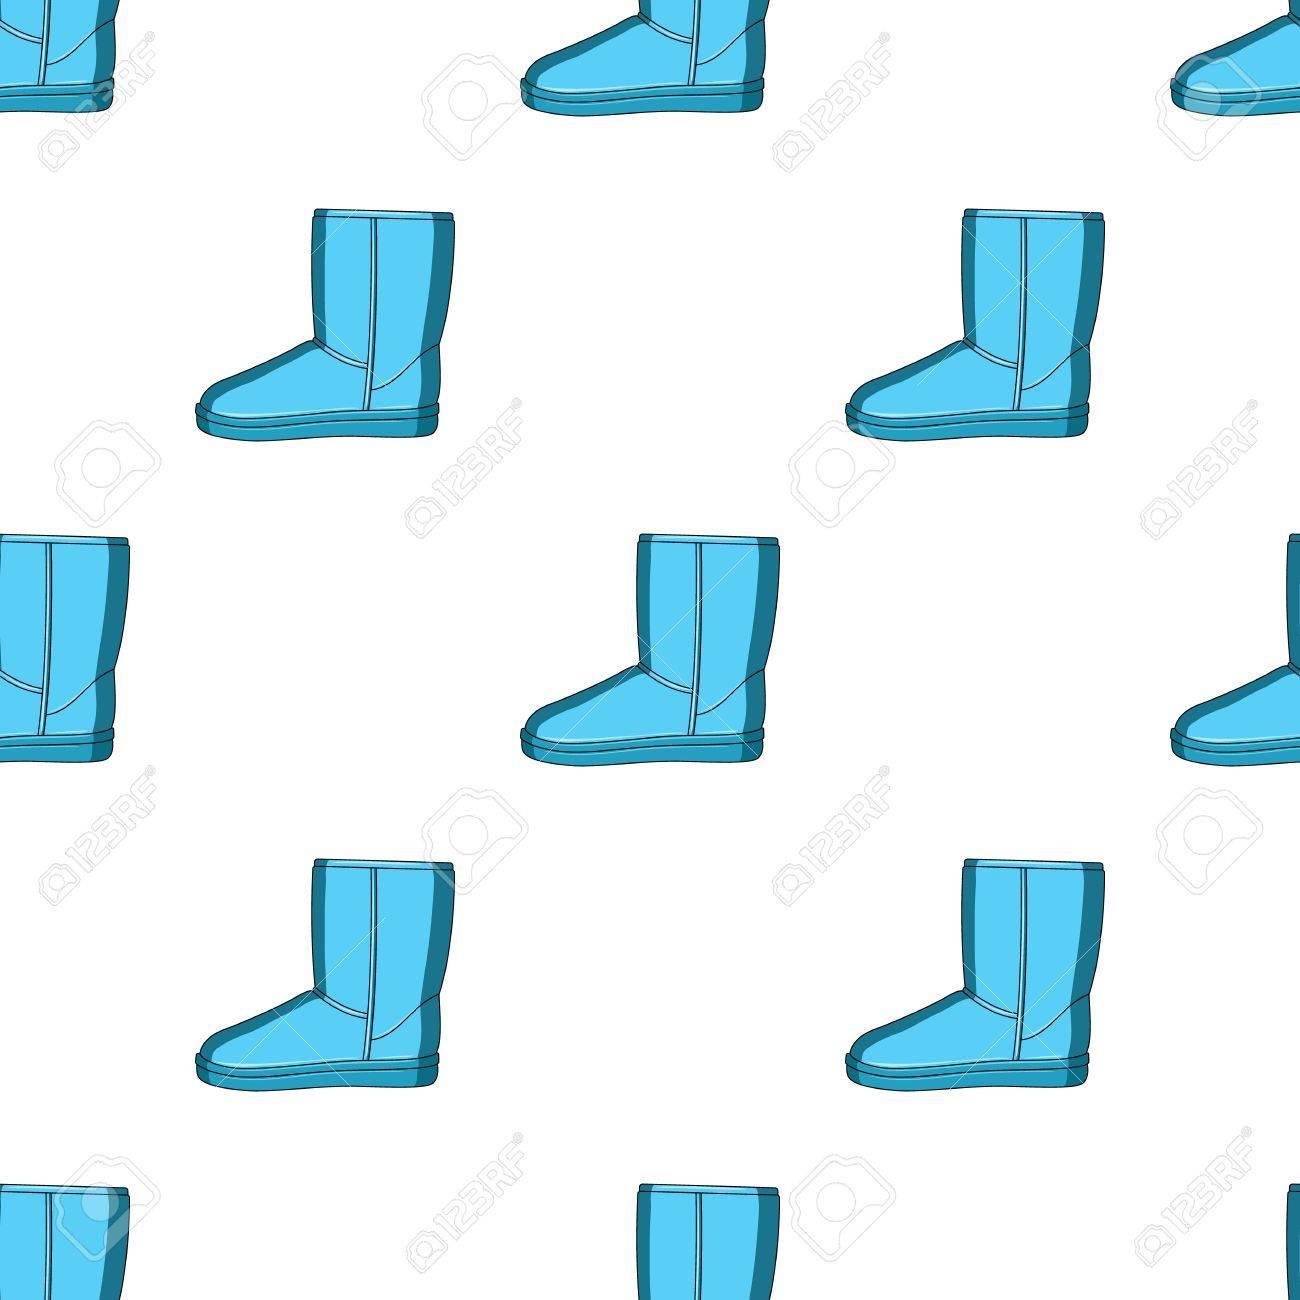 Botas de invierno ugg azul cálido. Zapatos cómodos de invierno para el uso diario. Diferentes zapatos único icono en estilo de dibujos animados vector